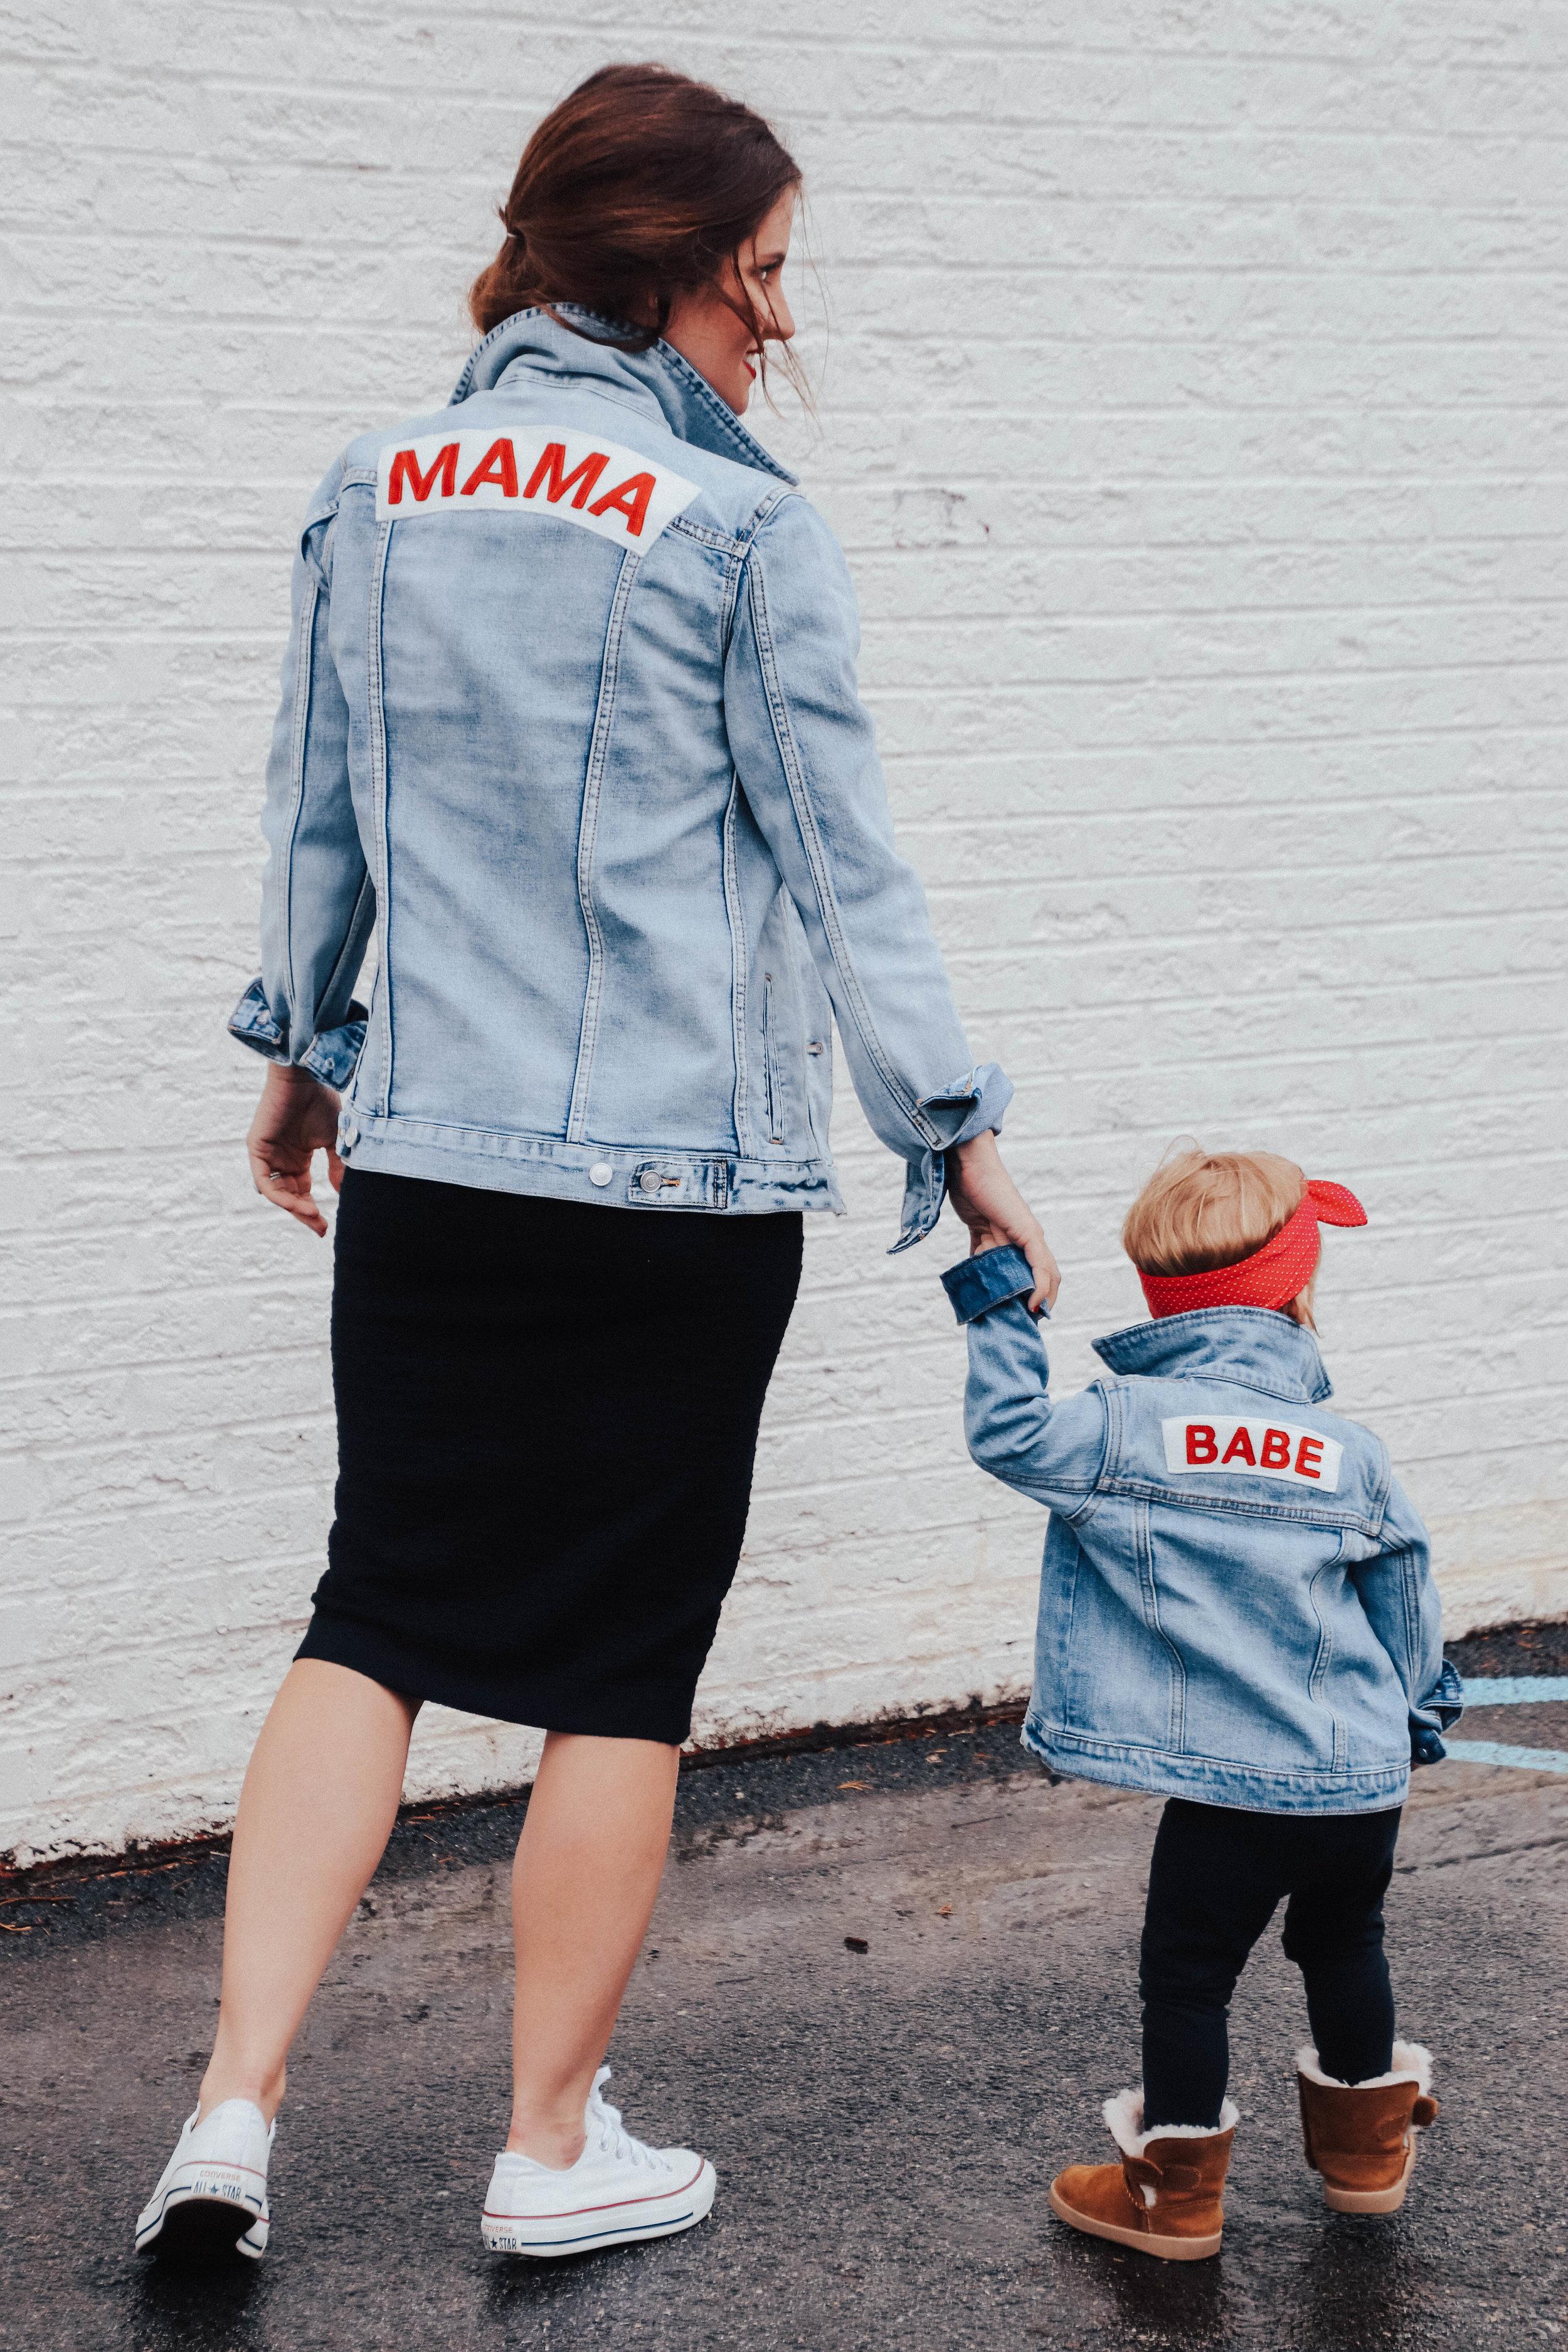 Mama Denim Jacket / Ingrid & Isabel Maternity •@emilybrunotte